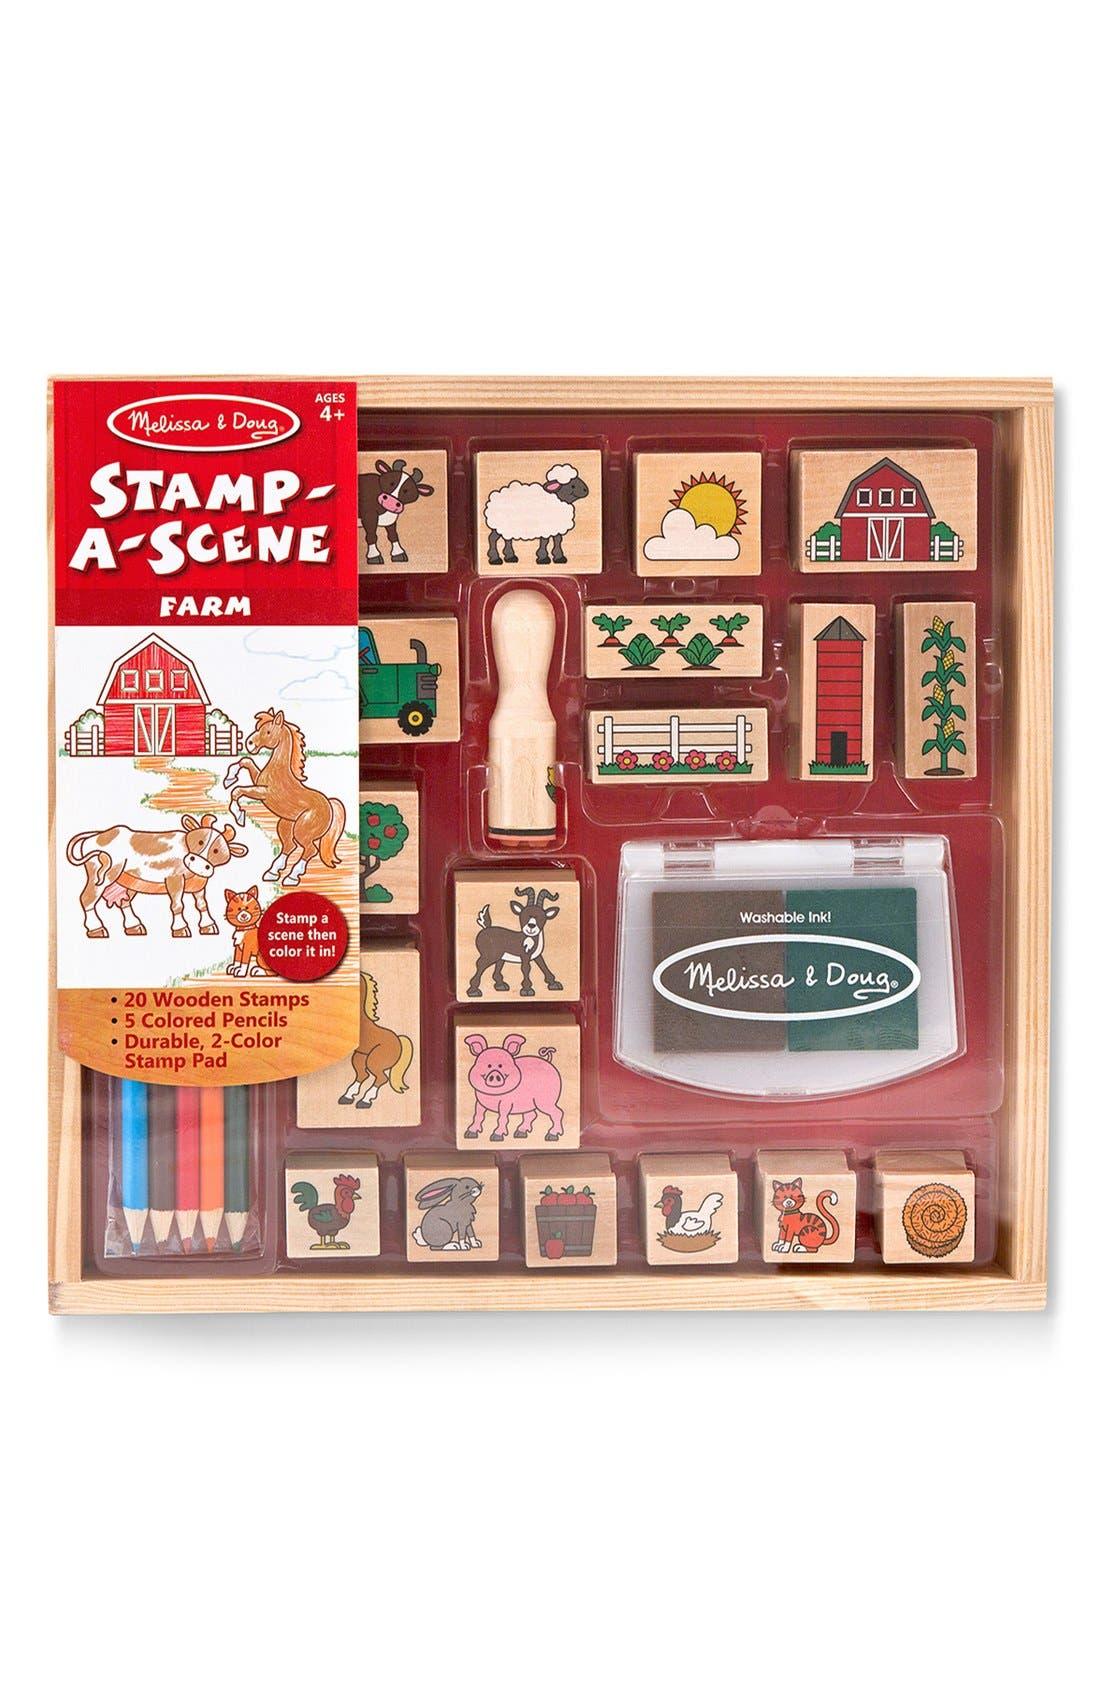 Melissa & Doug 'Stamp-A-Scene - Farm' Stamp Set